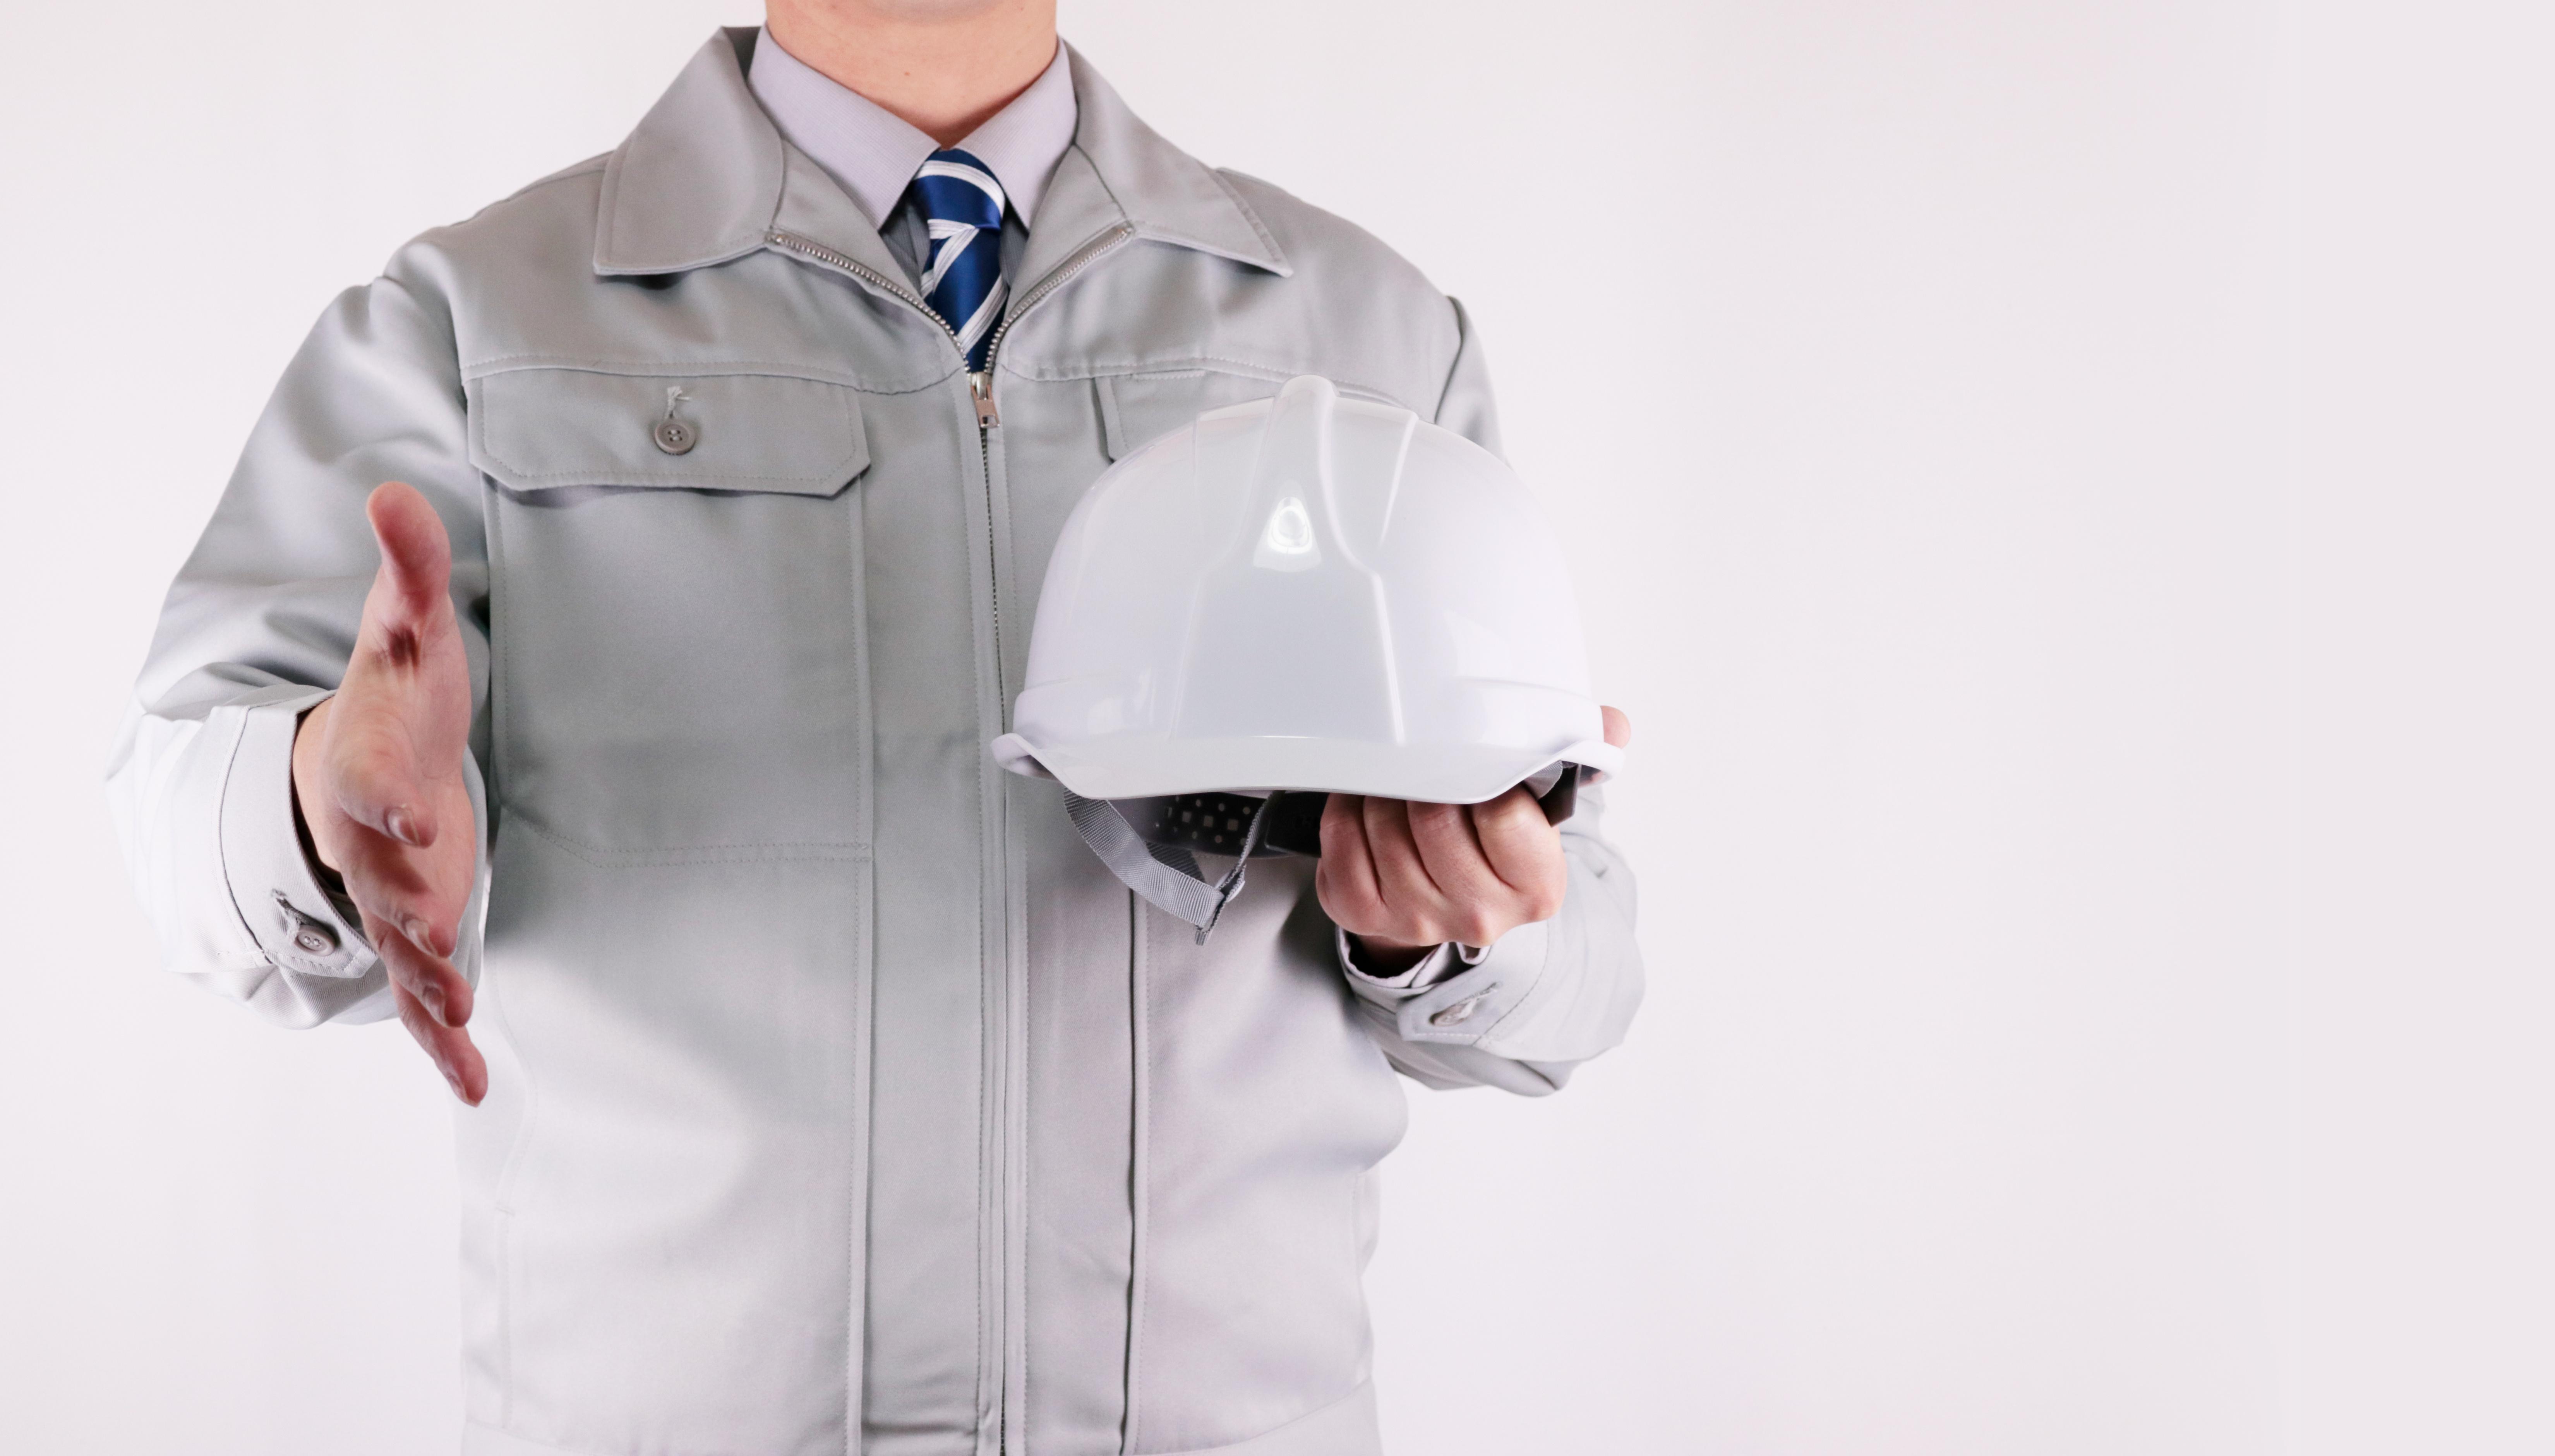 【未経験者歓迎!】プラント設備工事スタッフ募集中です!